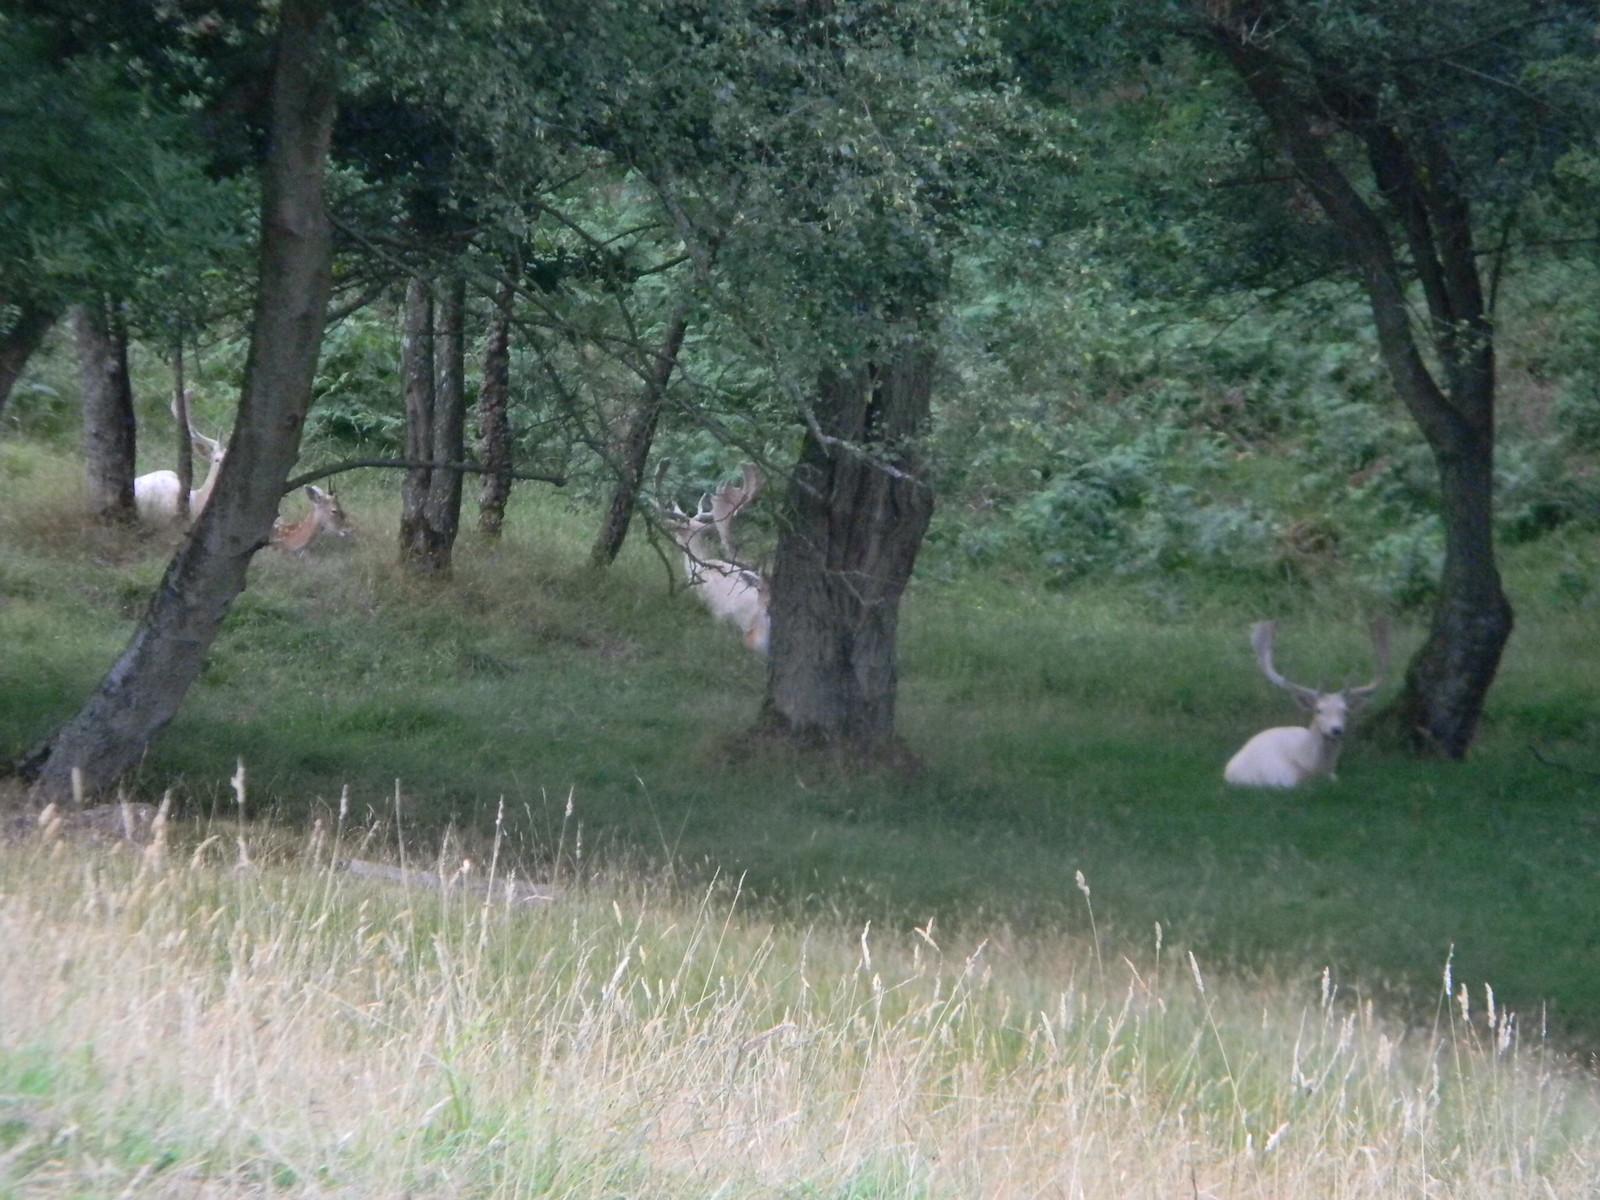 White deer Wadhurst Circular Wadhurst Park